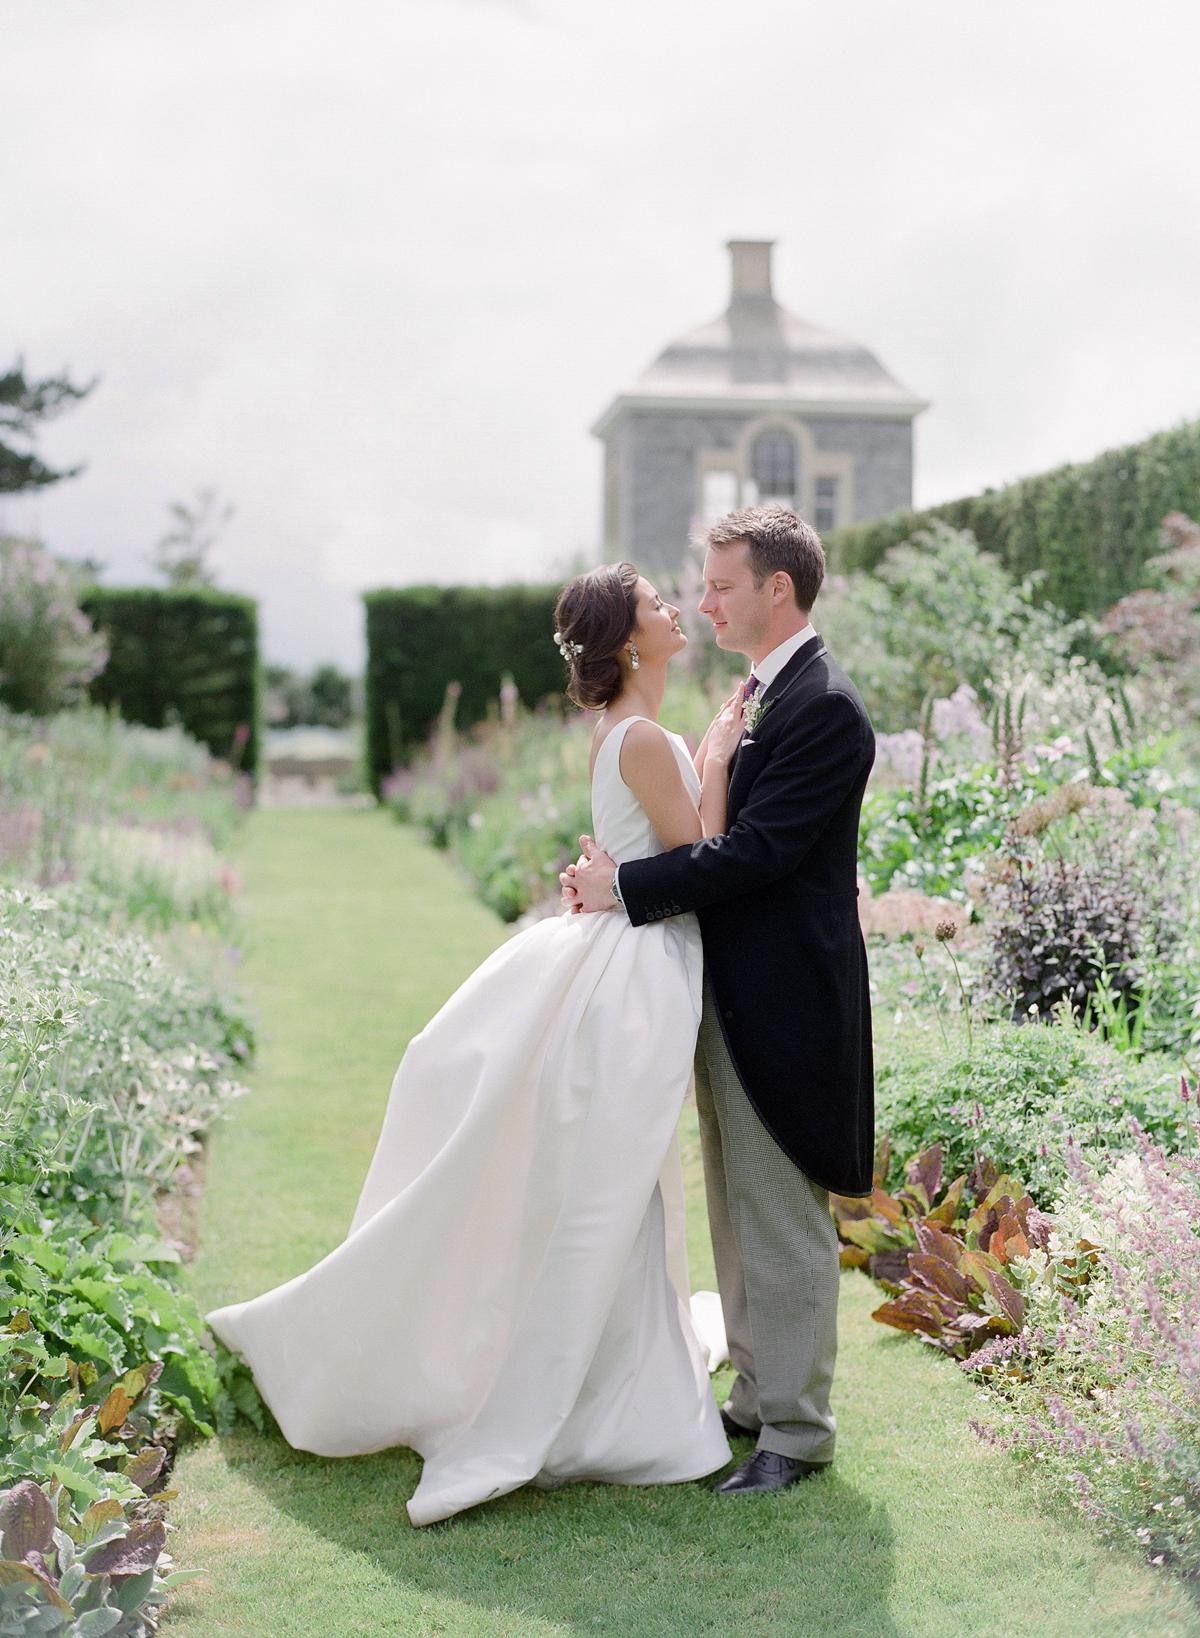 peony matthew england wedding couple embracing in garden